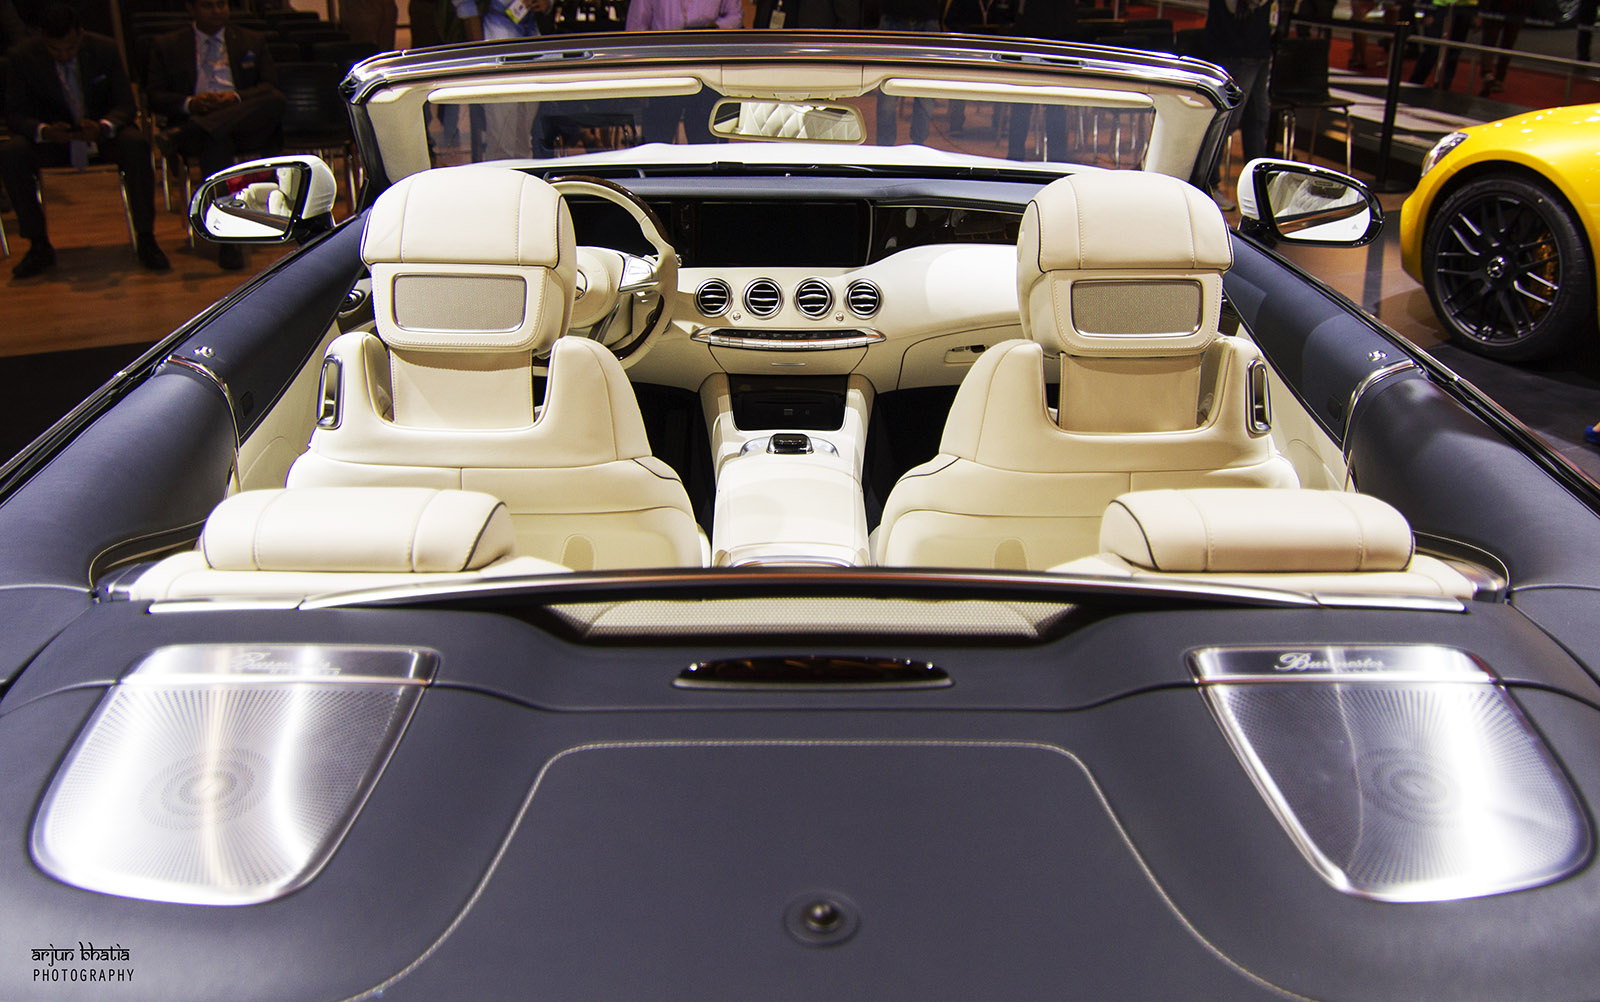 Mercedes-Benz S-Class Cabriolet Delhi Auto Expo 2016 3